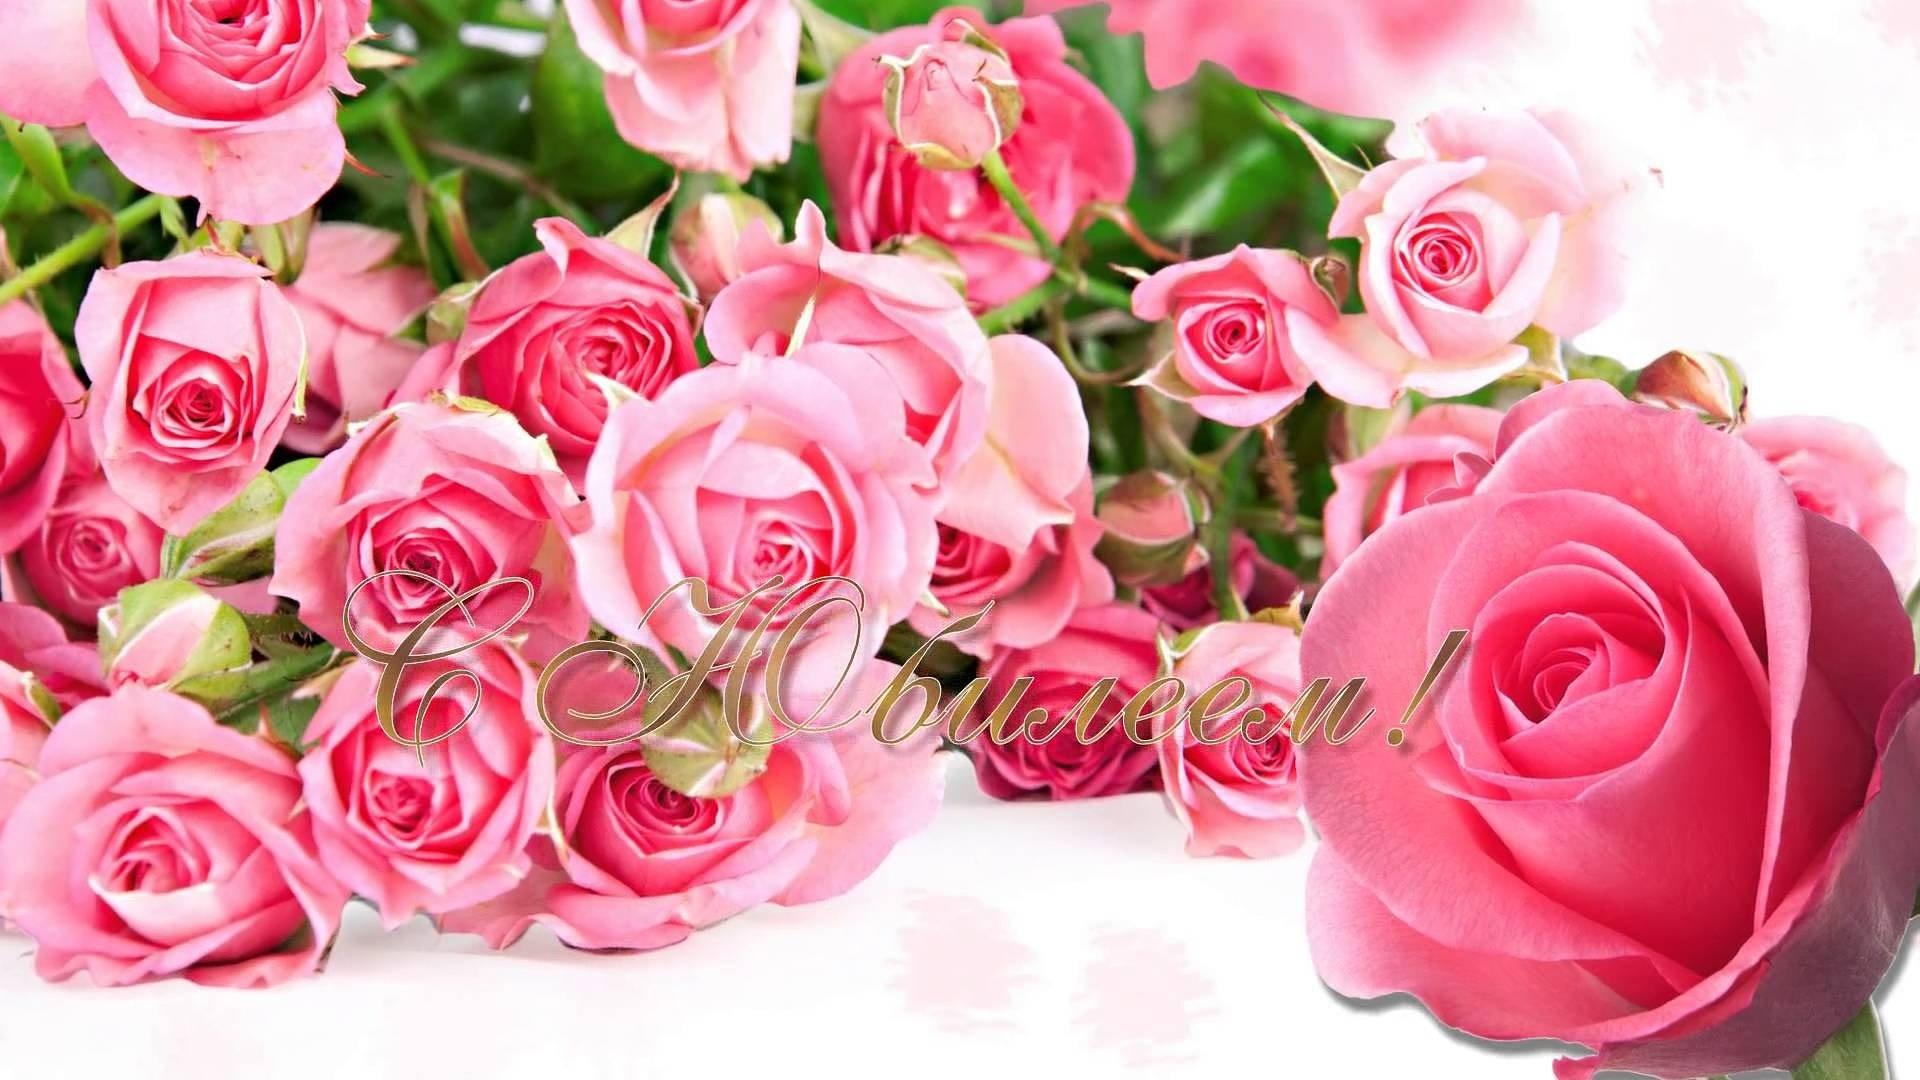 Картинка цветы с юбилеем 55 лет женщине, открытку заграницу открытки